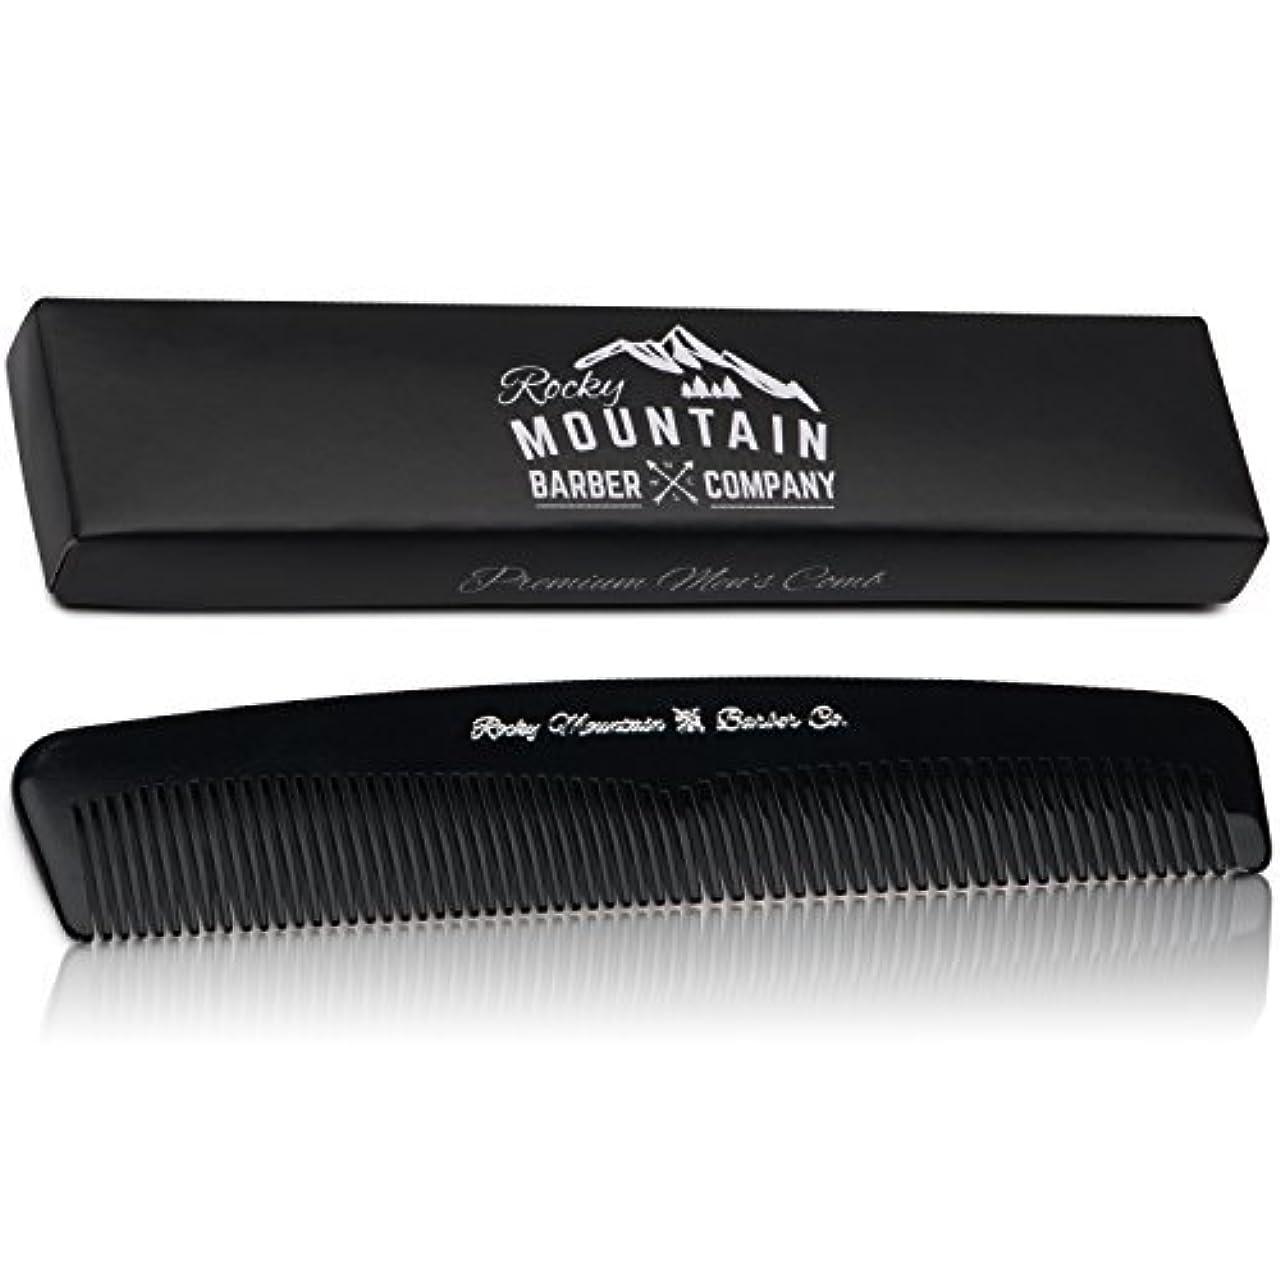 置くためにパック露出度の高い王位Men's Hair Comb ? Plastic Modern Fine and Medium Tooth Comb Handmade for Head Hair, Beard,  Mustache - No Snag...